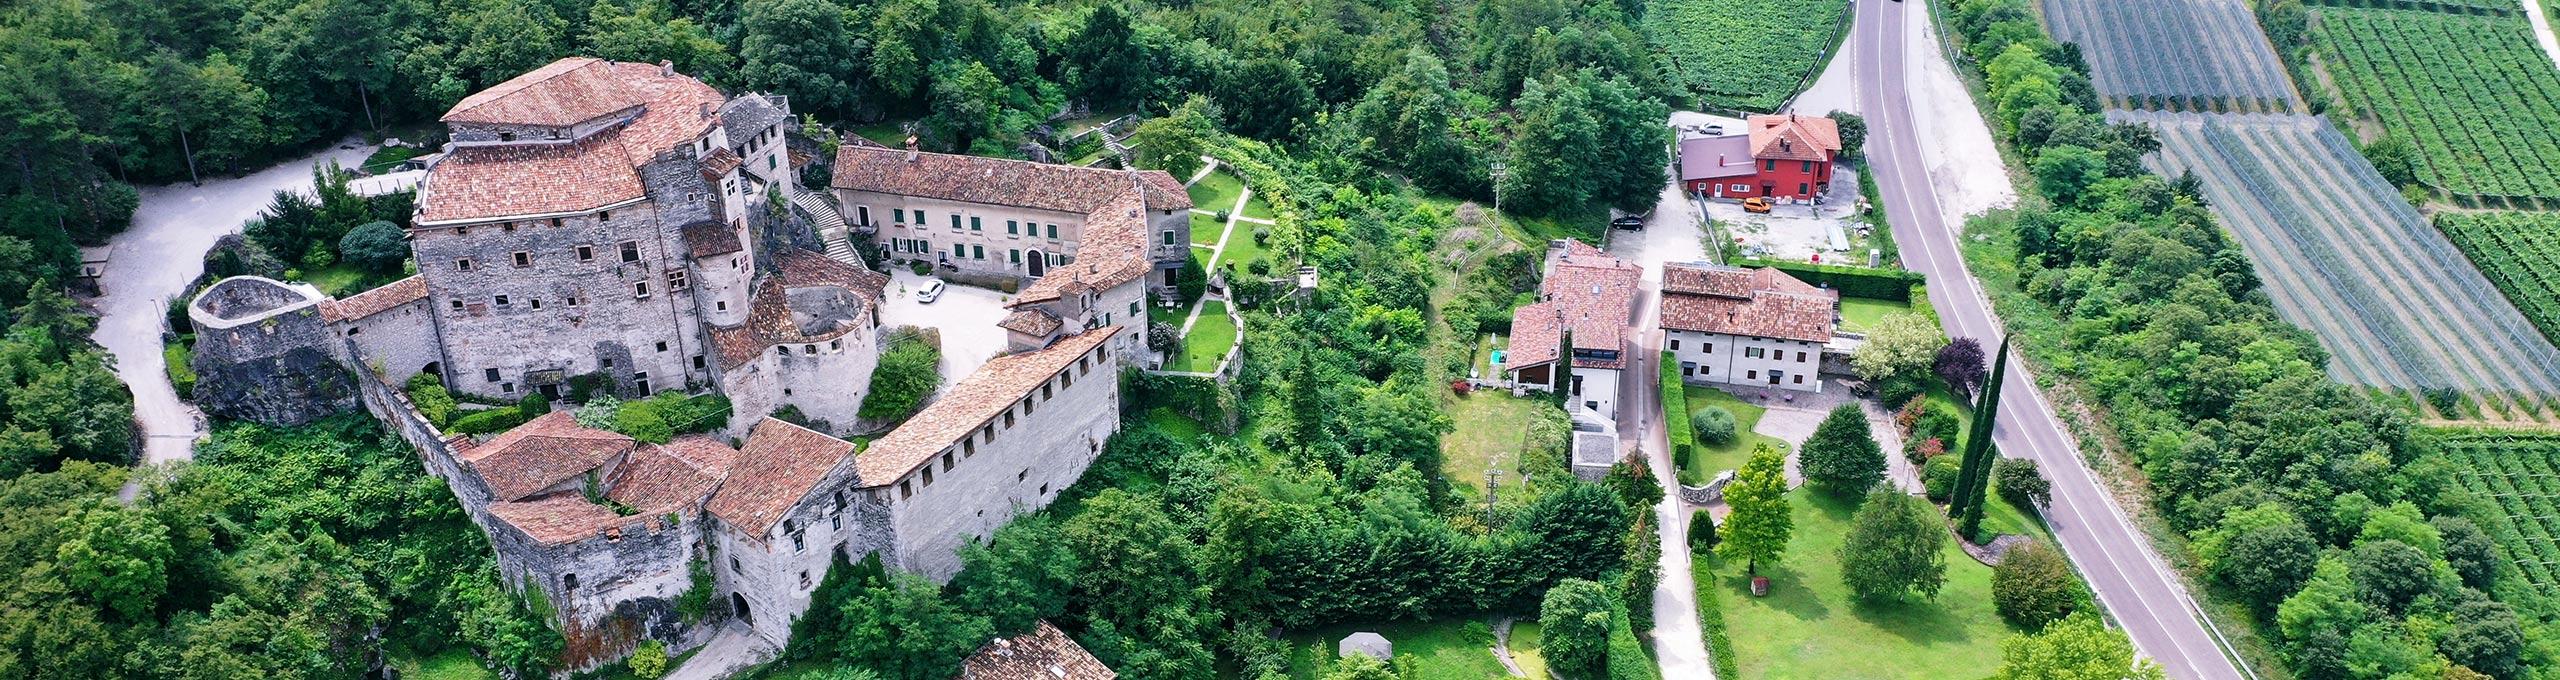 Vallagarina, Castel Pietra (XIII secolo) comune di Calliano